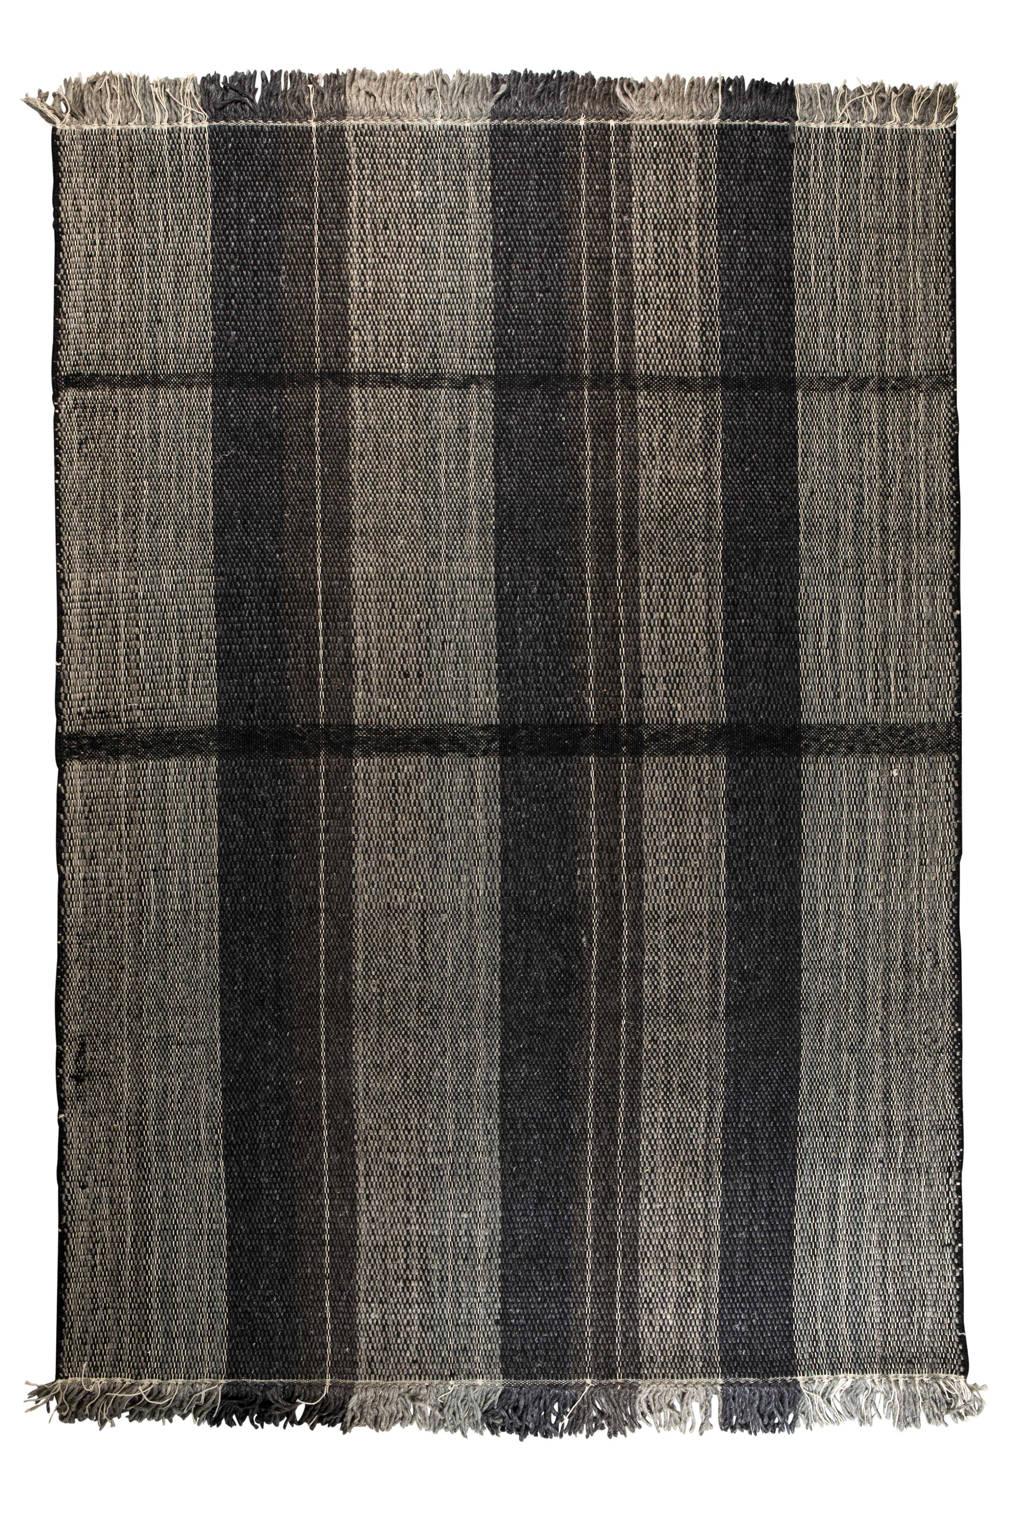 Zuiver vloerkleed  (230x160 cm), Zwart-Wit